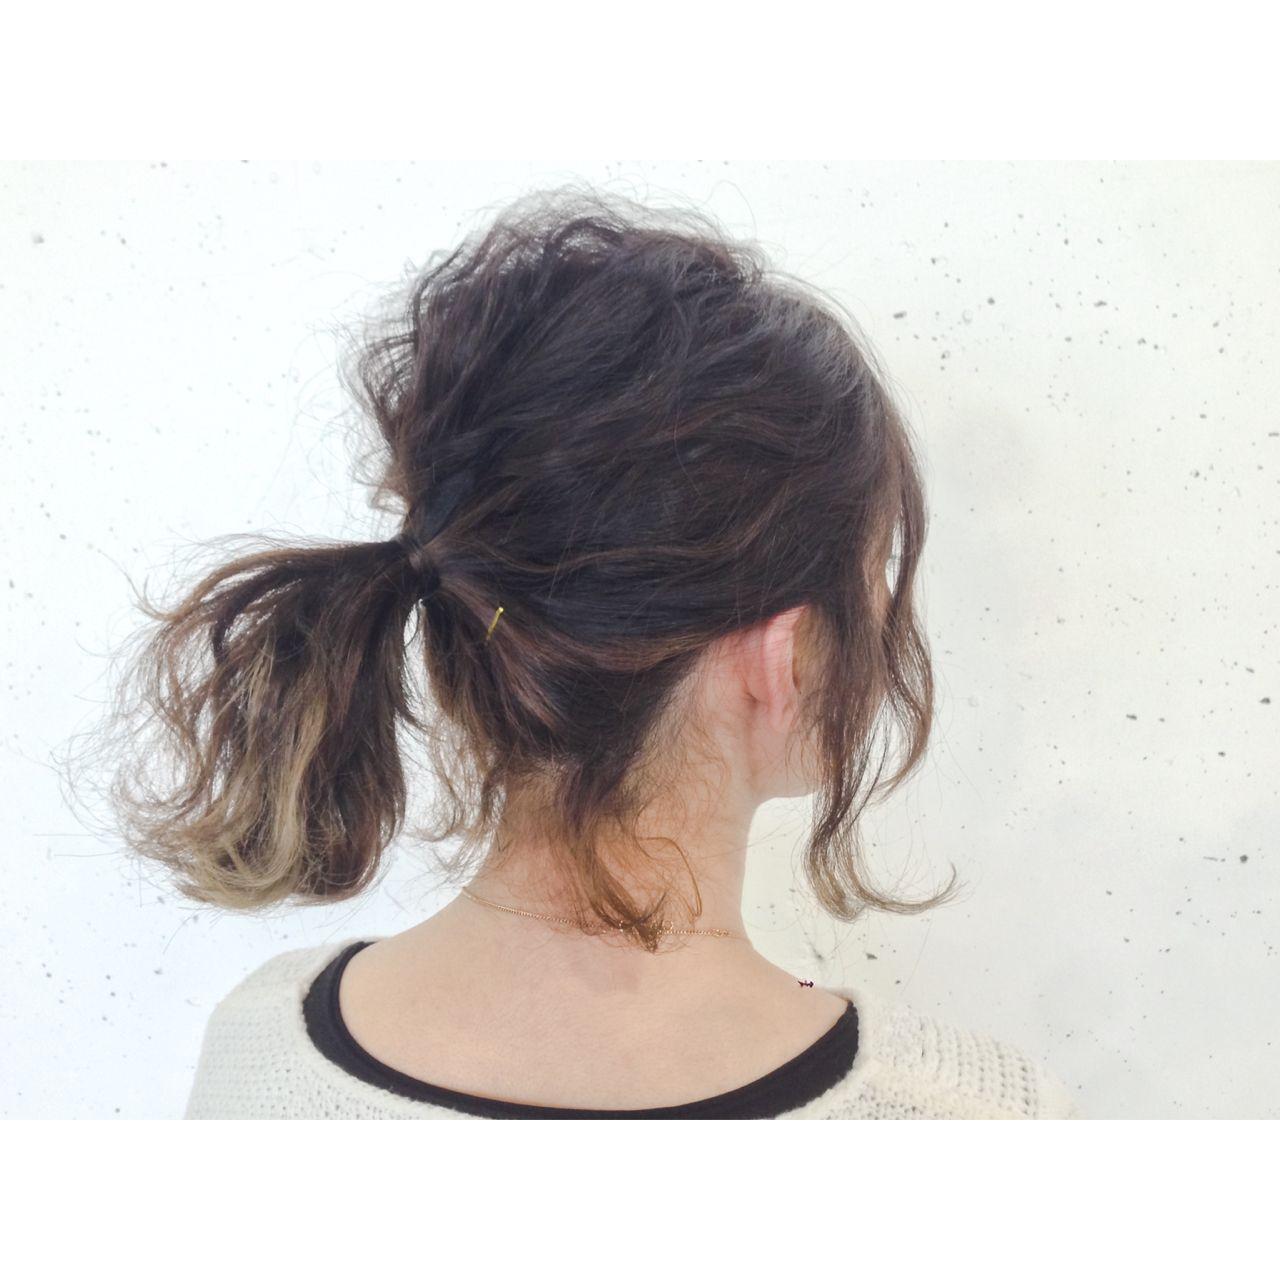 アップスタイル ヘアアレンジ ウェーブ ストリートヘアスタイルや髪型の写真・画像